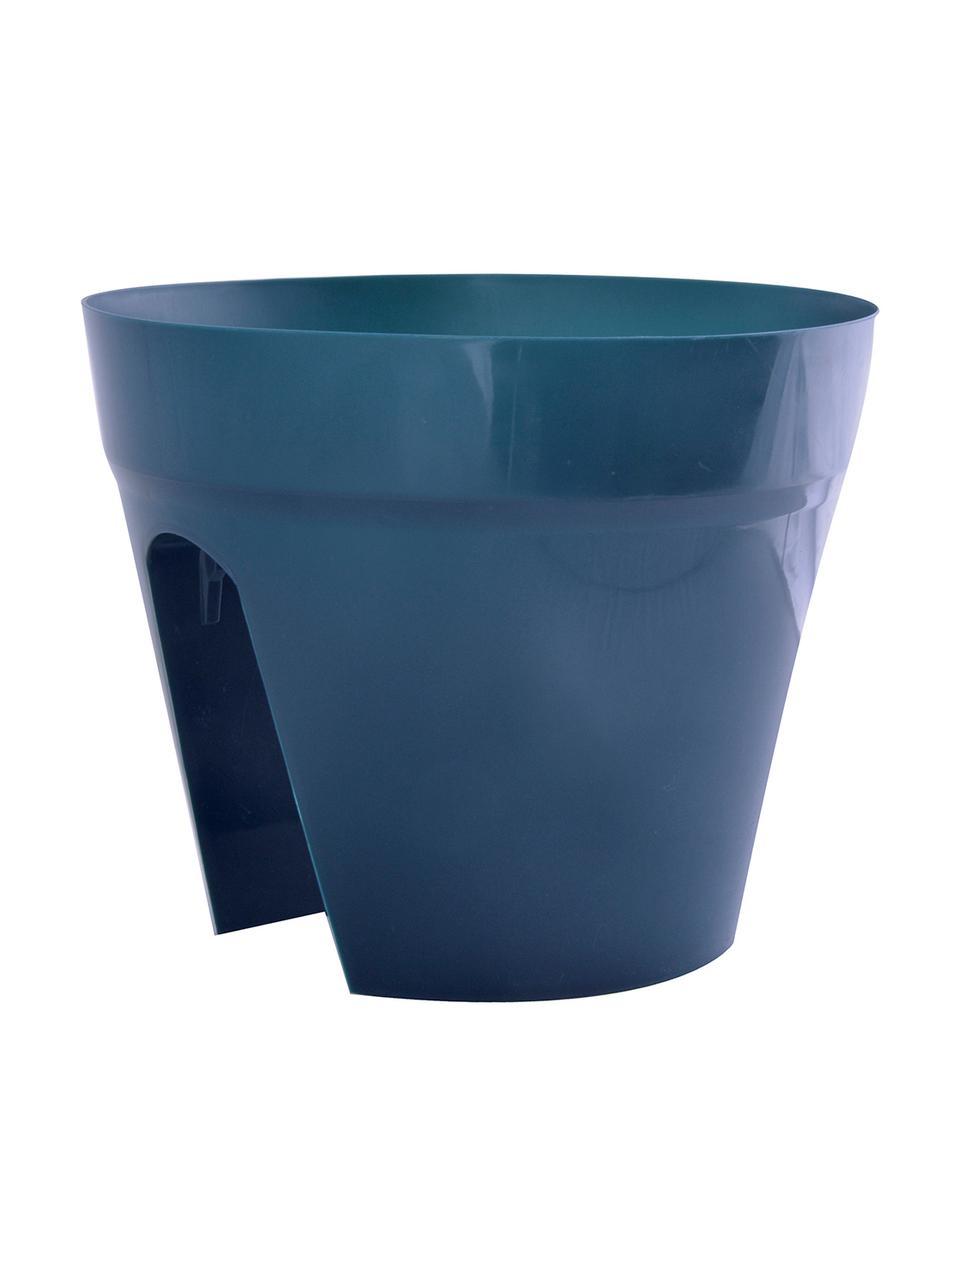 Großes Übertopf-Set für Balkongeländer Diana, 3-tlg., Kunststoff, Grün, Orange, Blau, Ø 30 x H 24 cm